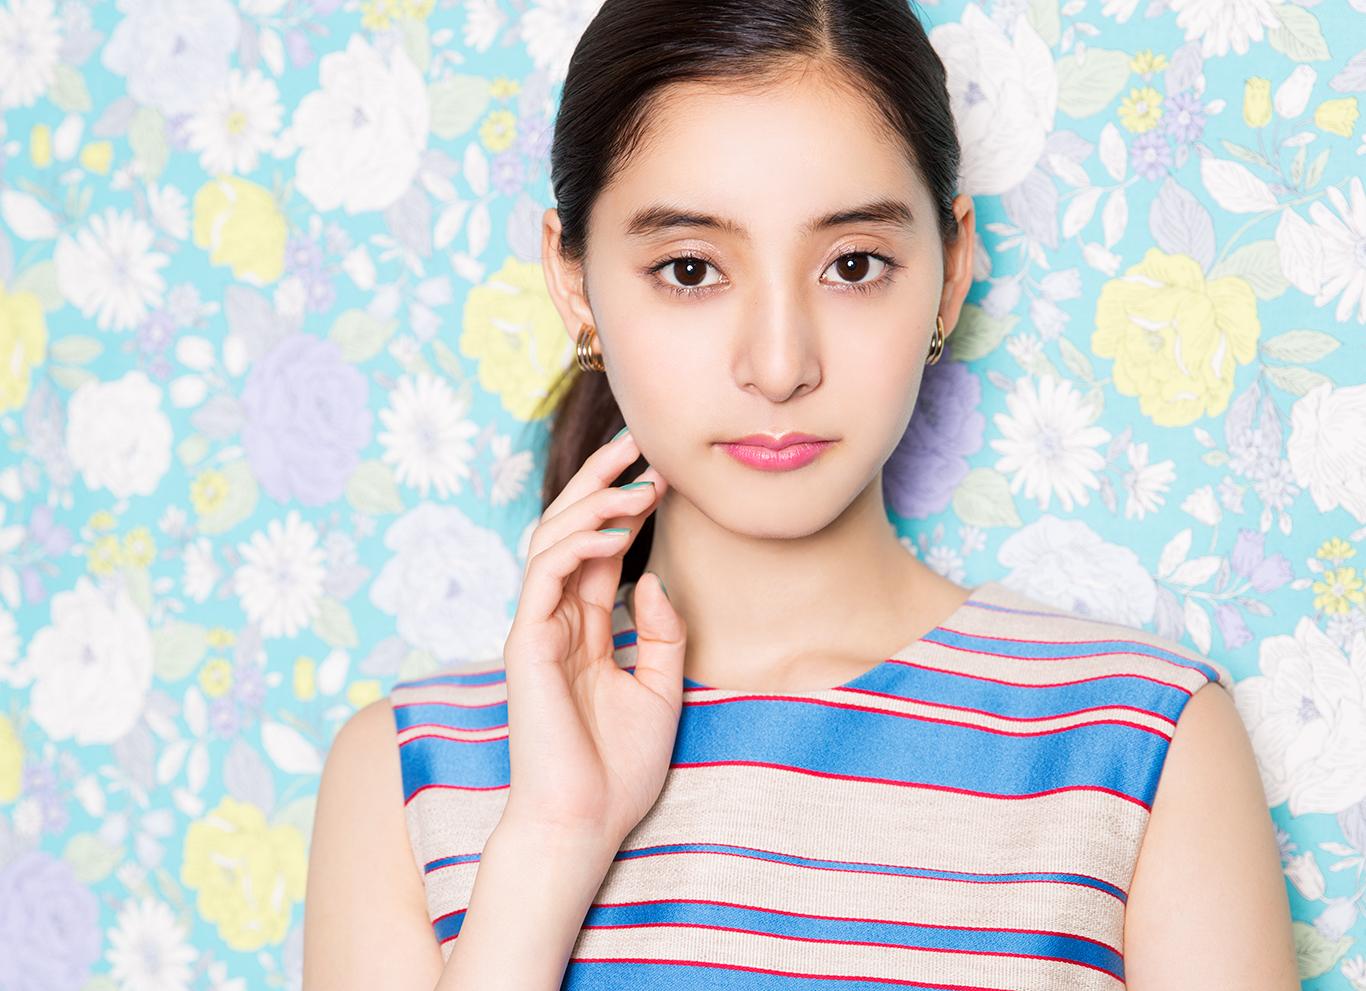 注目の女優・新木優子、躍進のとき!——「気づかれる存在になりたかった」